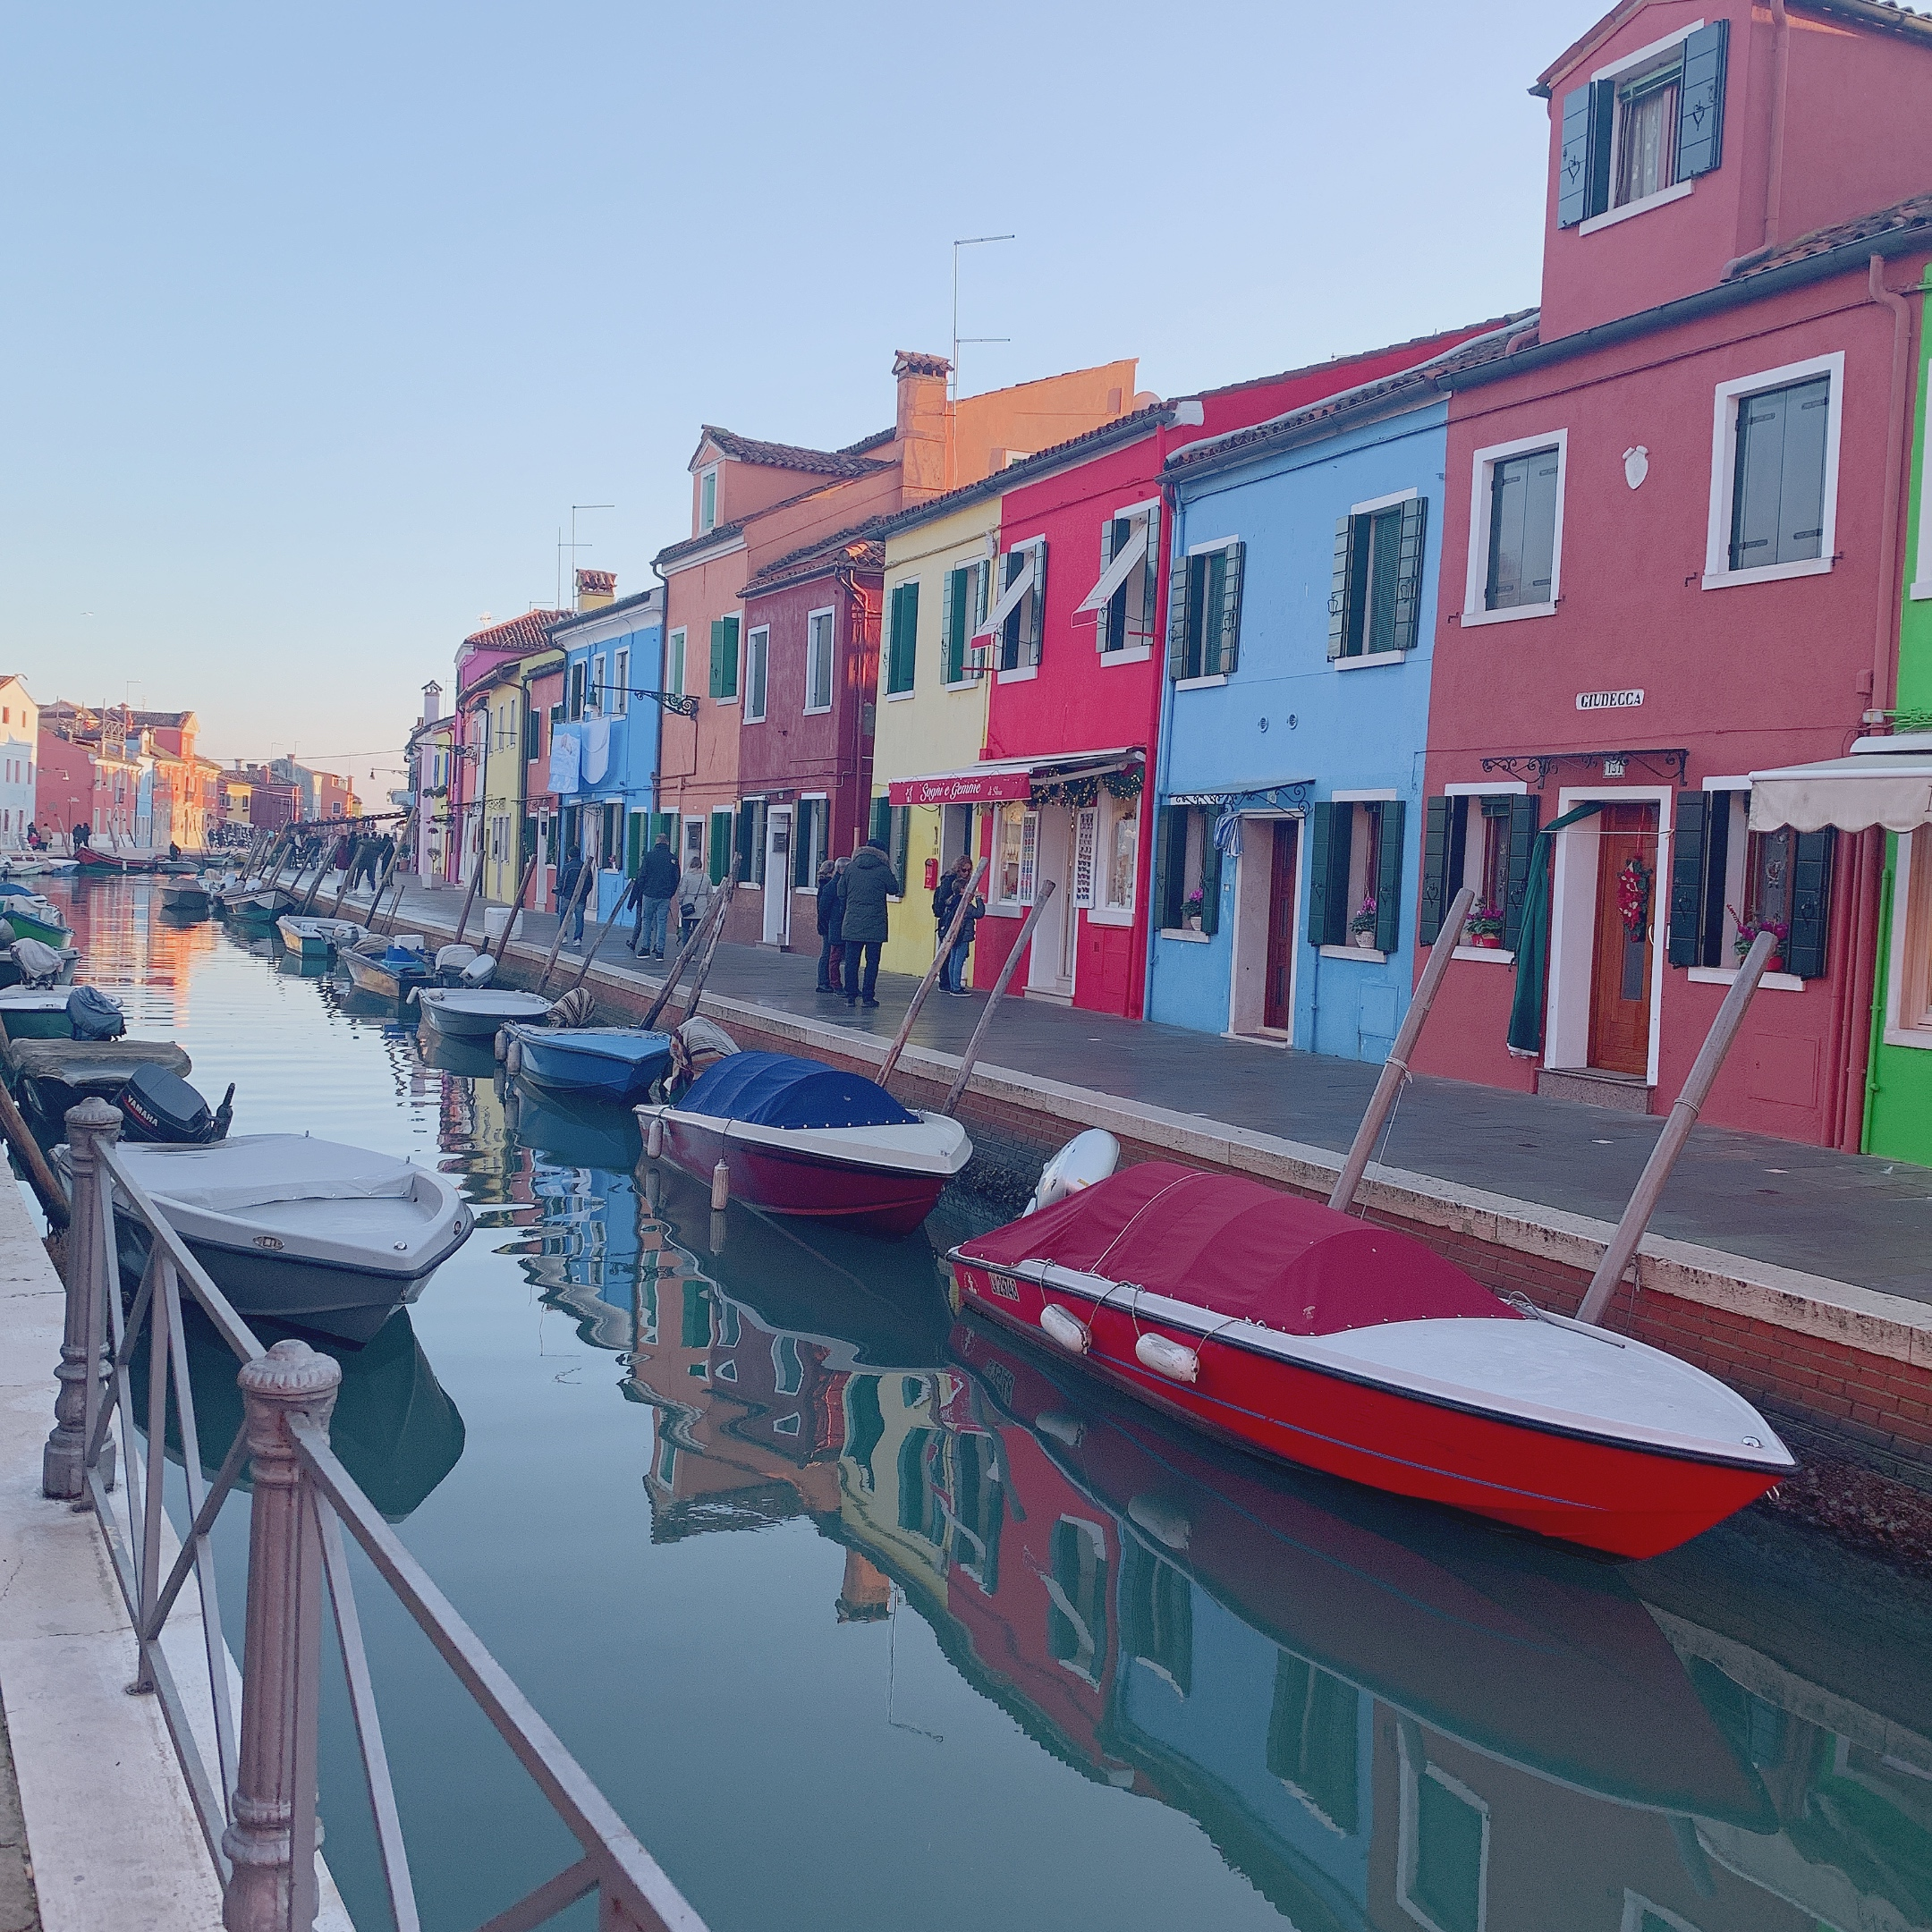 ヴェネチアブラーノ島のカラフルな家の街並みの画像